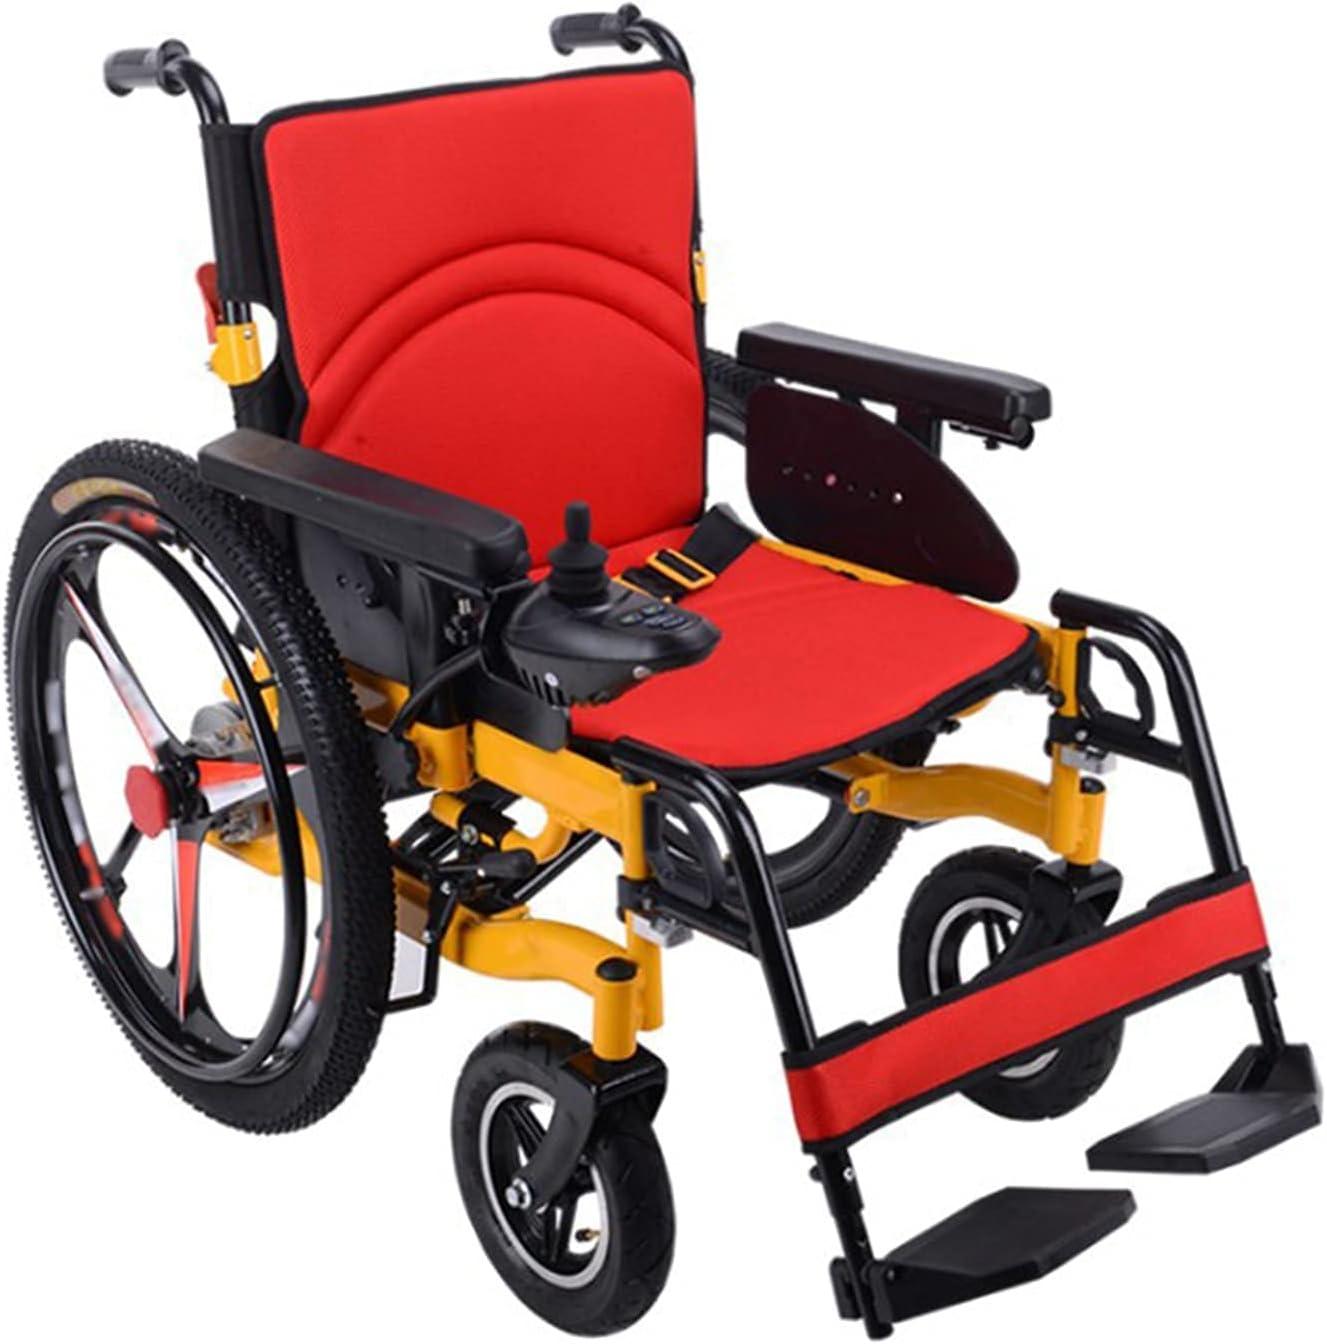 FGVDJ Silla de Ruedas eléctrica, Plegable Silla de Ruedas Ligera Silla de Ruedas eléctrica Scooter para discapacitados Neumáticos Plegables y Ligeros de aleación de a